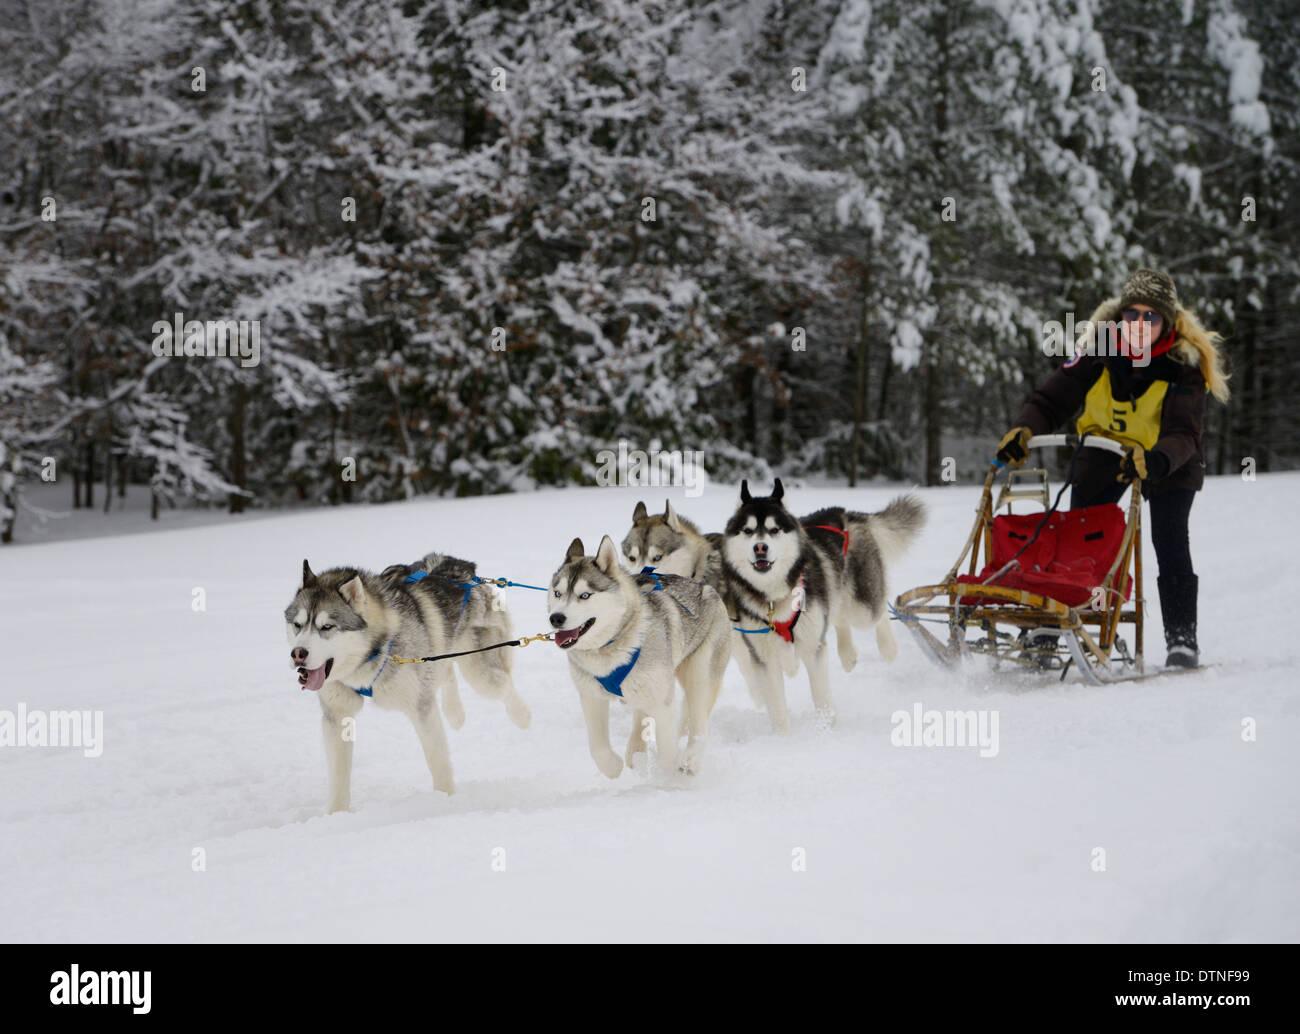 Donna musher passando attraverso una foresta innevata con quattro Huskies in una gara dogsled evento a Marmora Snofest Ontario Canada con coperta di neve alberi sempreverdi Immagini Stock